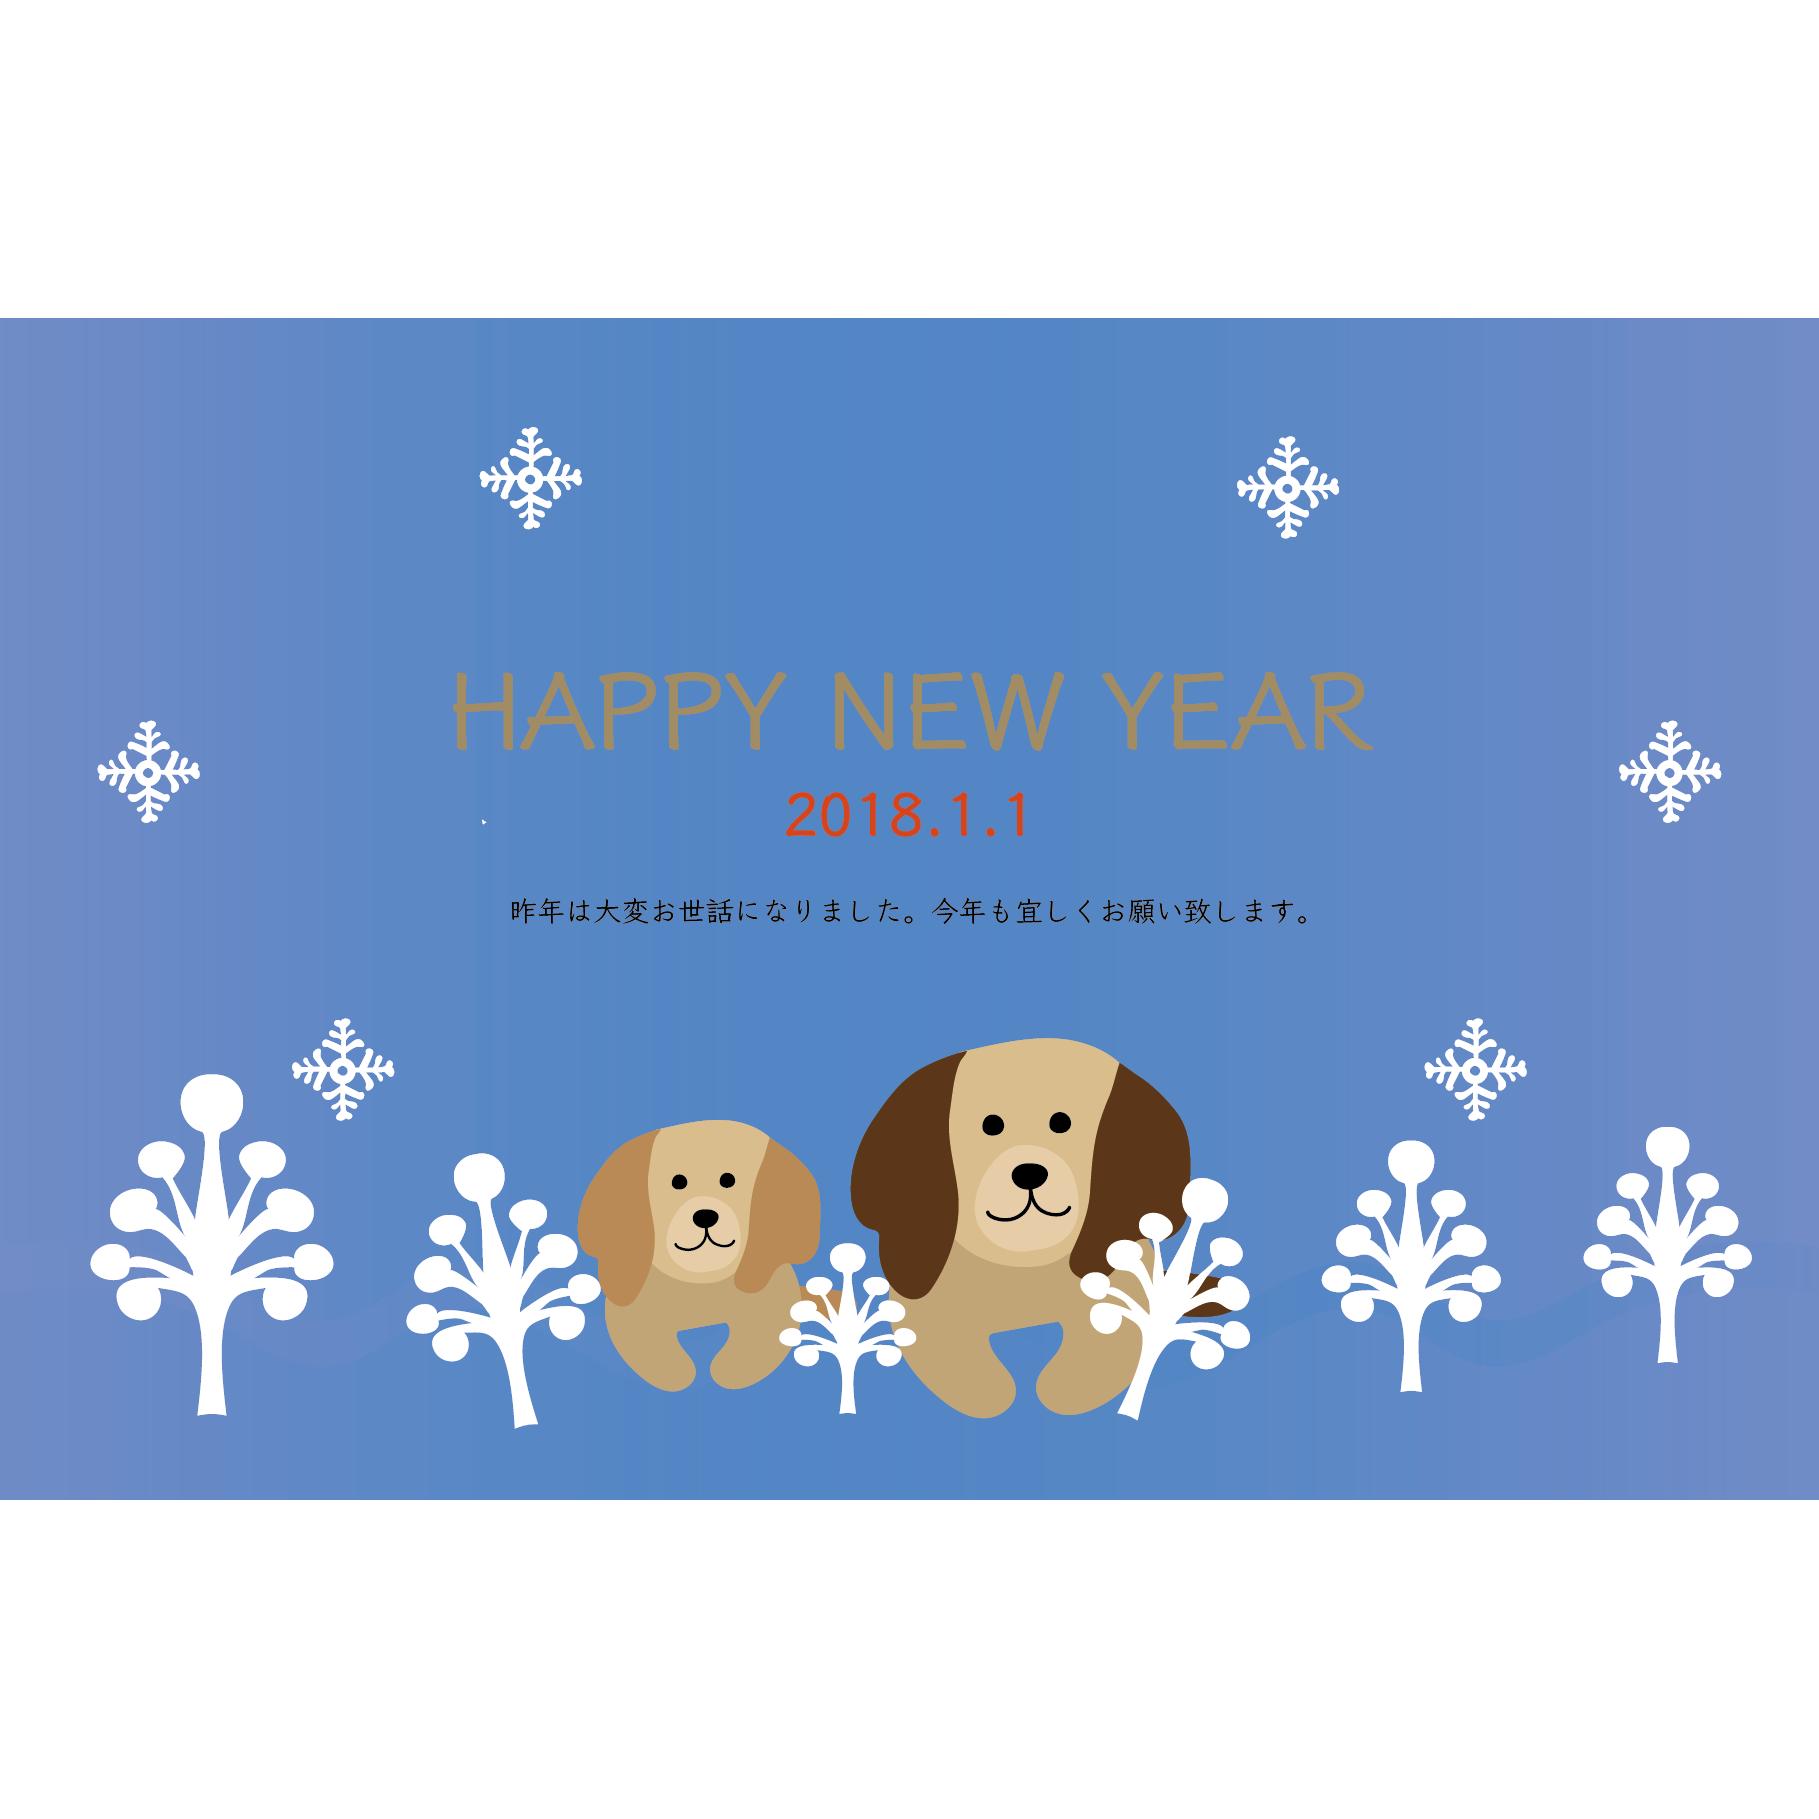 戌年の年賀状 かわいい犬の親子と結晶のイラスト 18 横型 商用フリー 無料 のイラスト素材なら イラストマンション